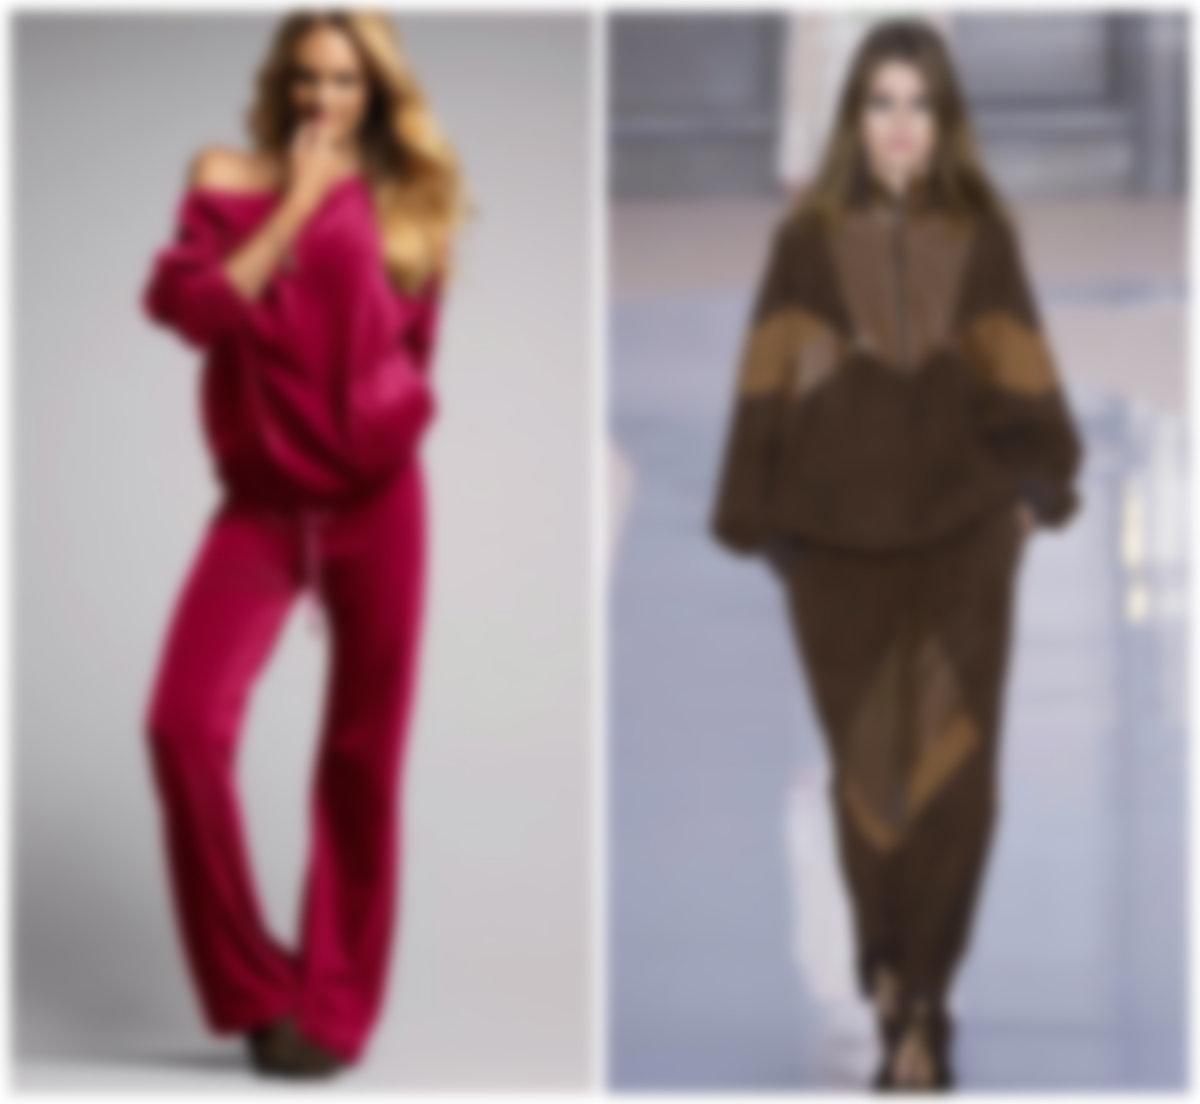 6822d6947ff7 Костюмы могут иметь традиционное исполнение с брюками, а могут быть  исполнены в виде замшевого платья. Однако замша может показаться слишком  тяжелой для ...